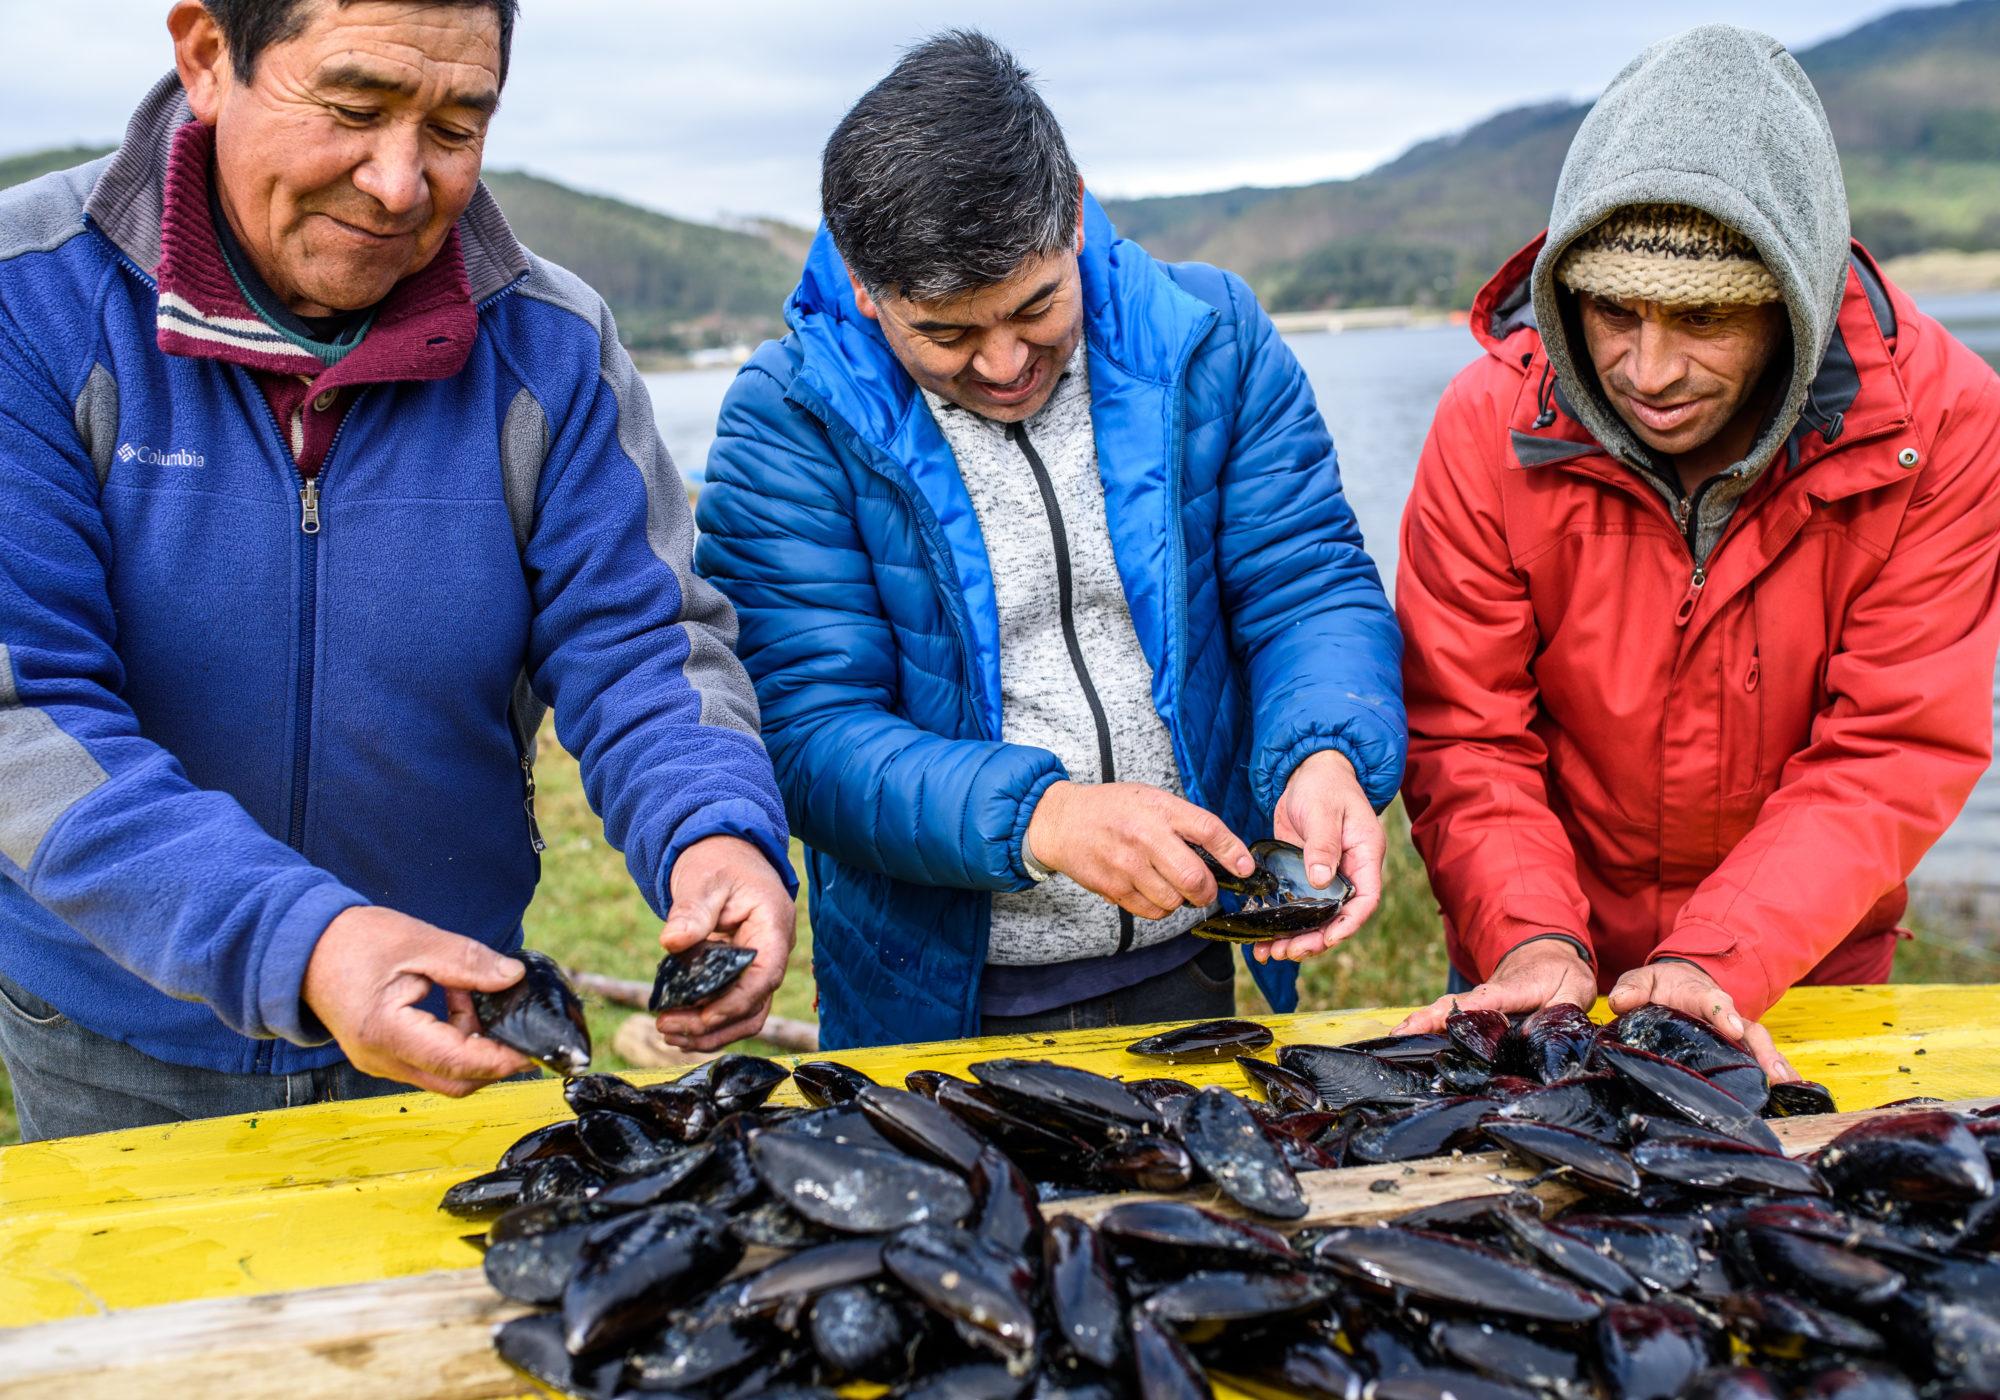 Diversificación de la pesca artesanal y turismo comunitario en la Región de Los Ríos